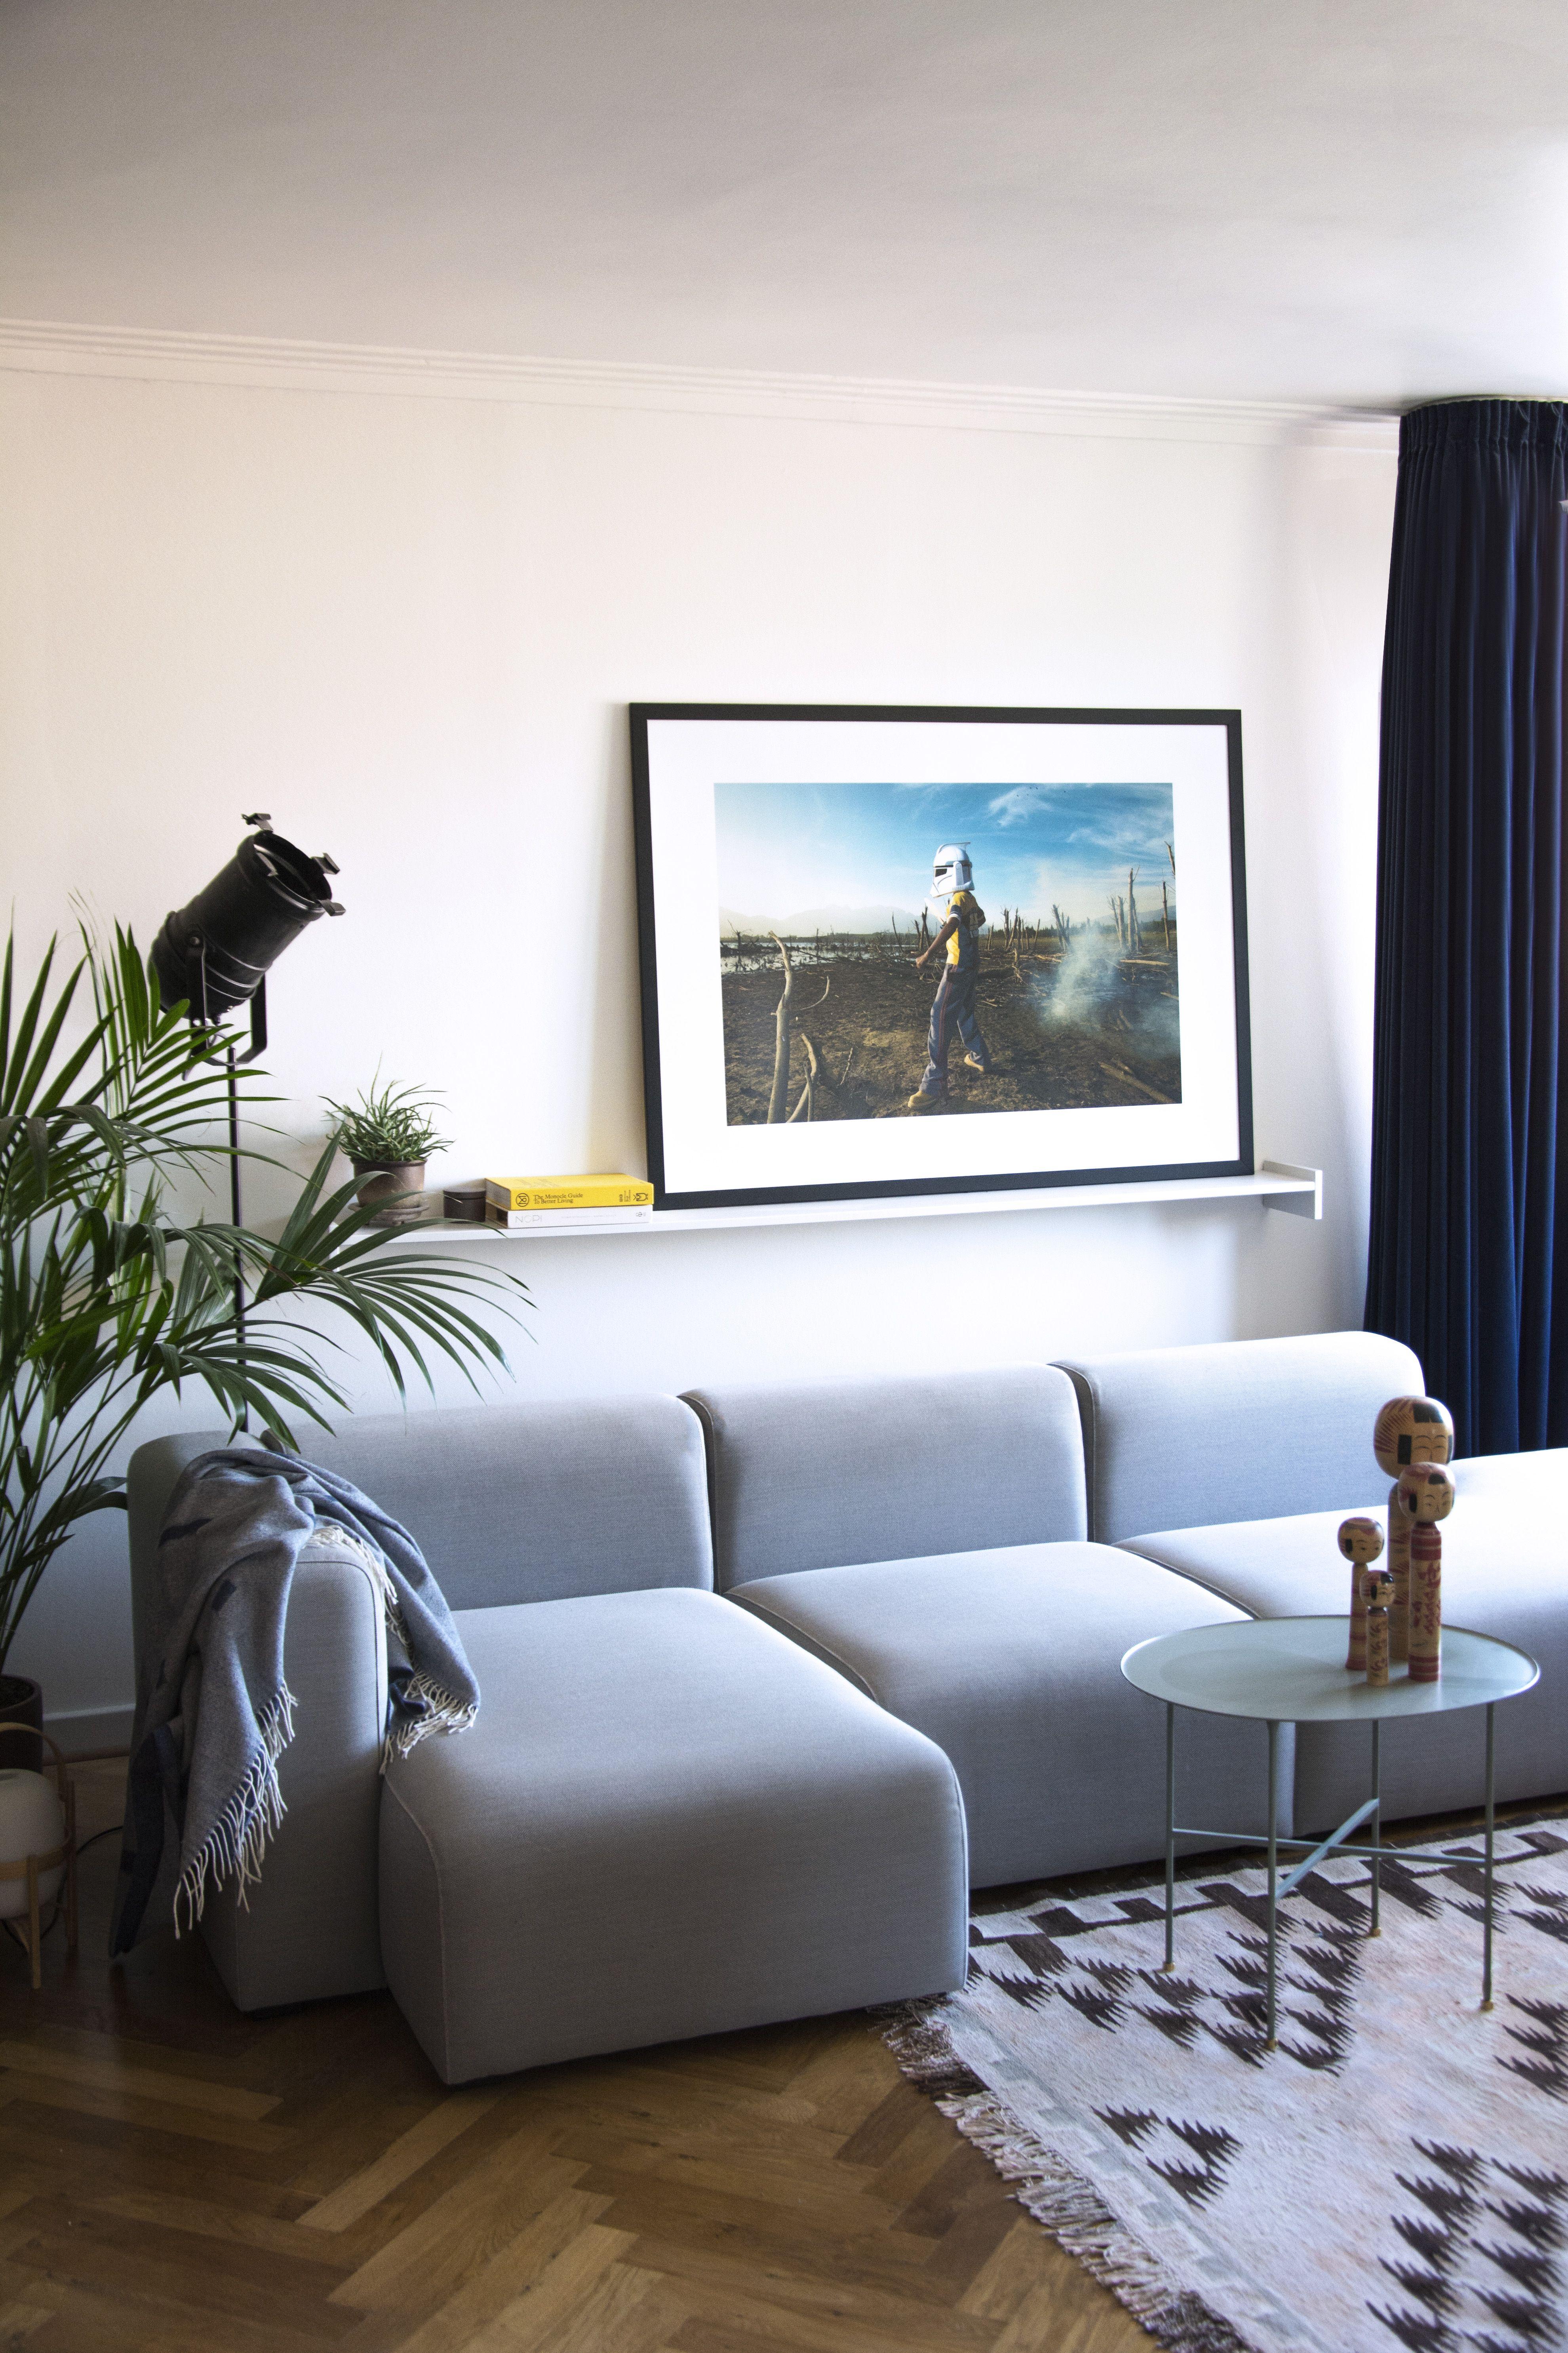 Wohnzimmer Ideen Wandgestaltung Von Ditte Buus Die Gro E Fotografie